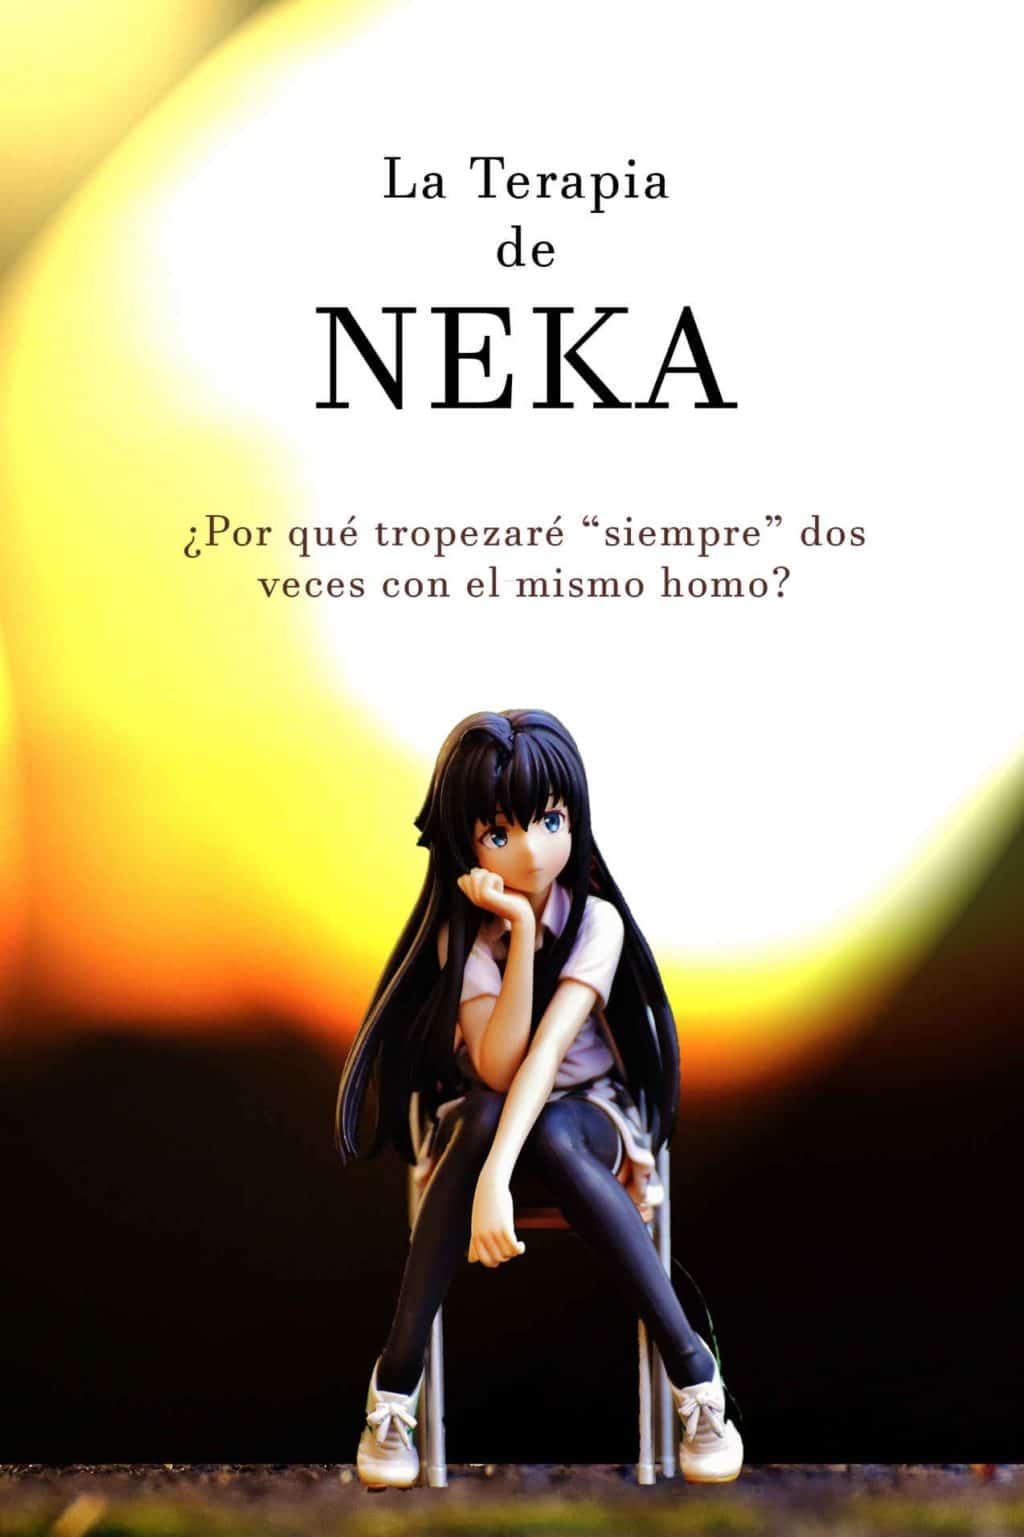 La Terapia de Neka